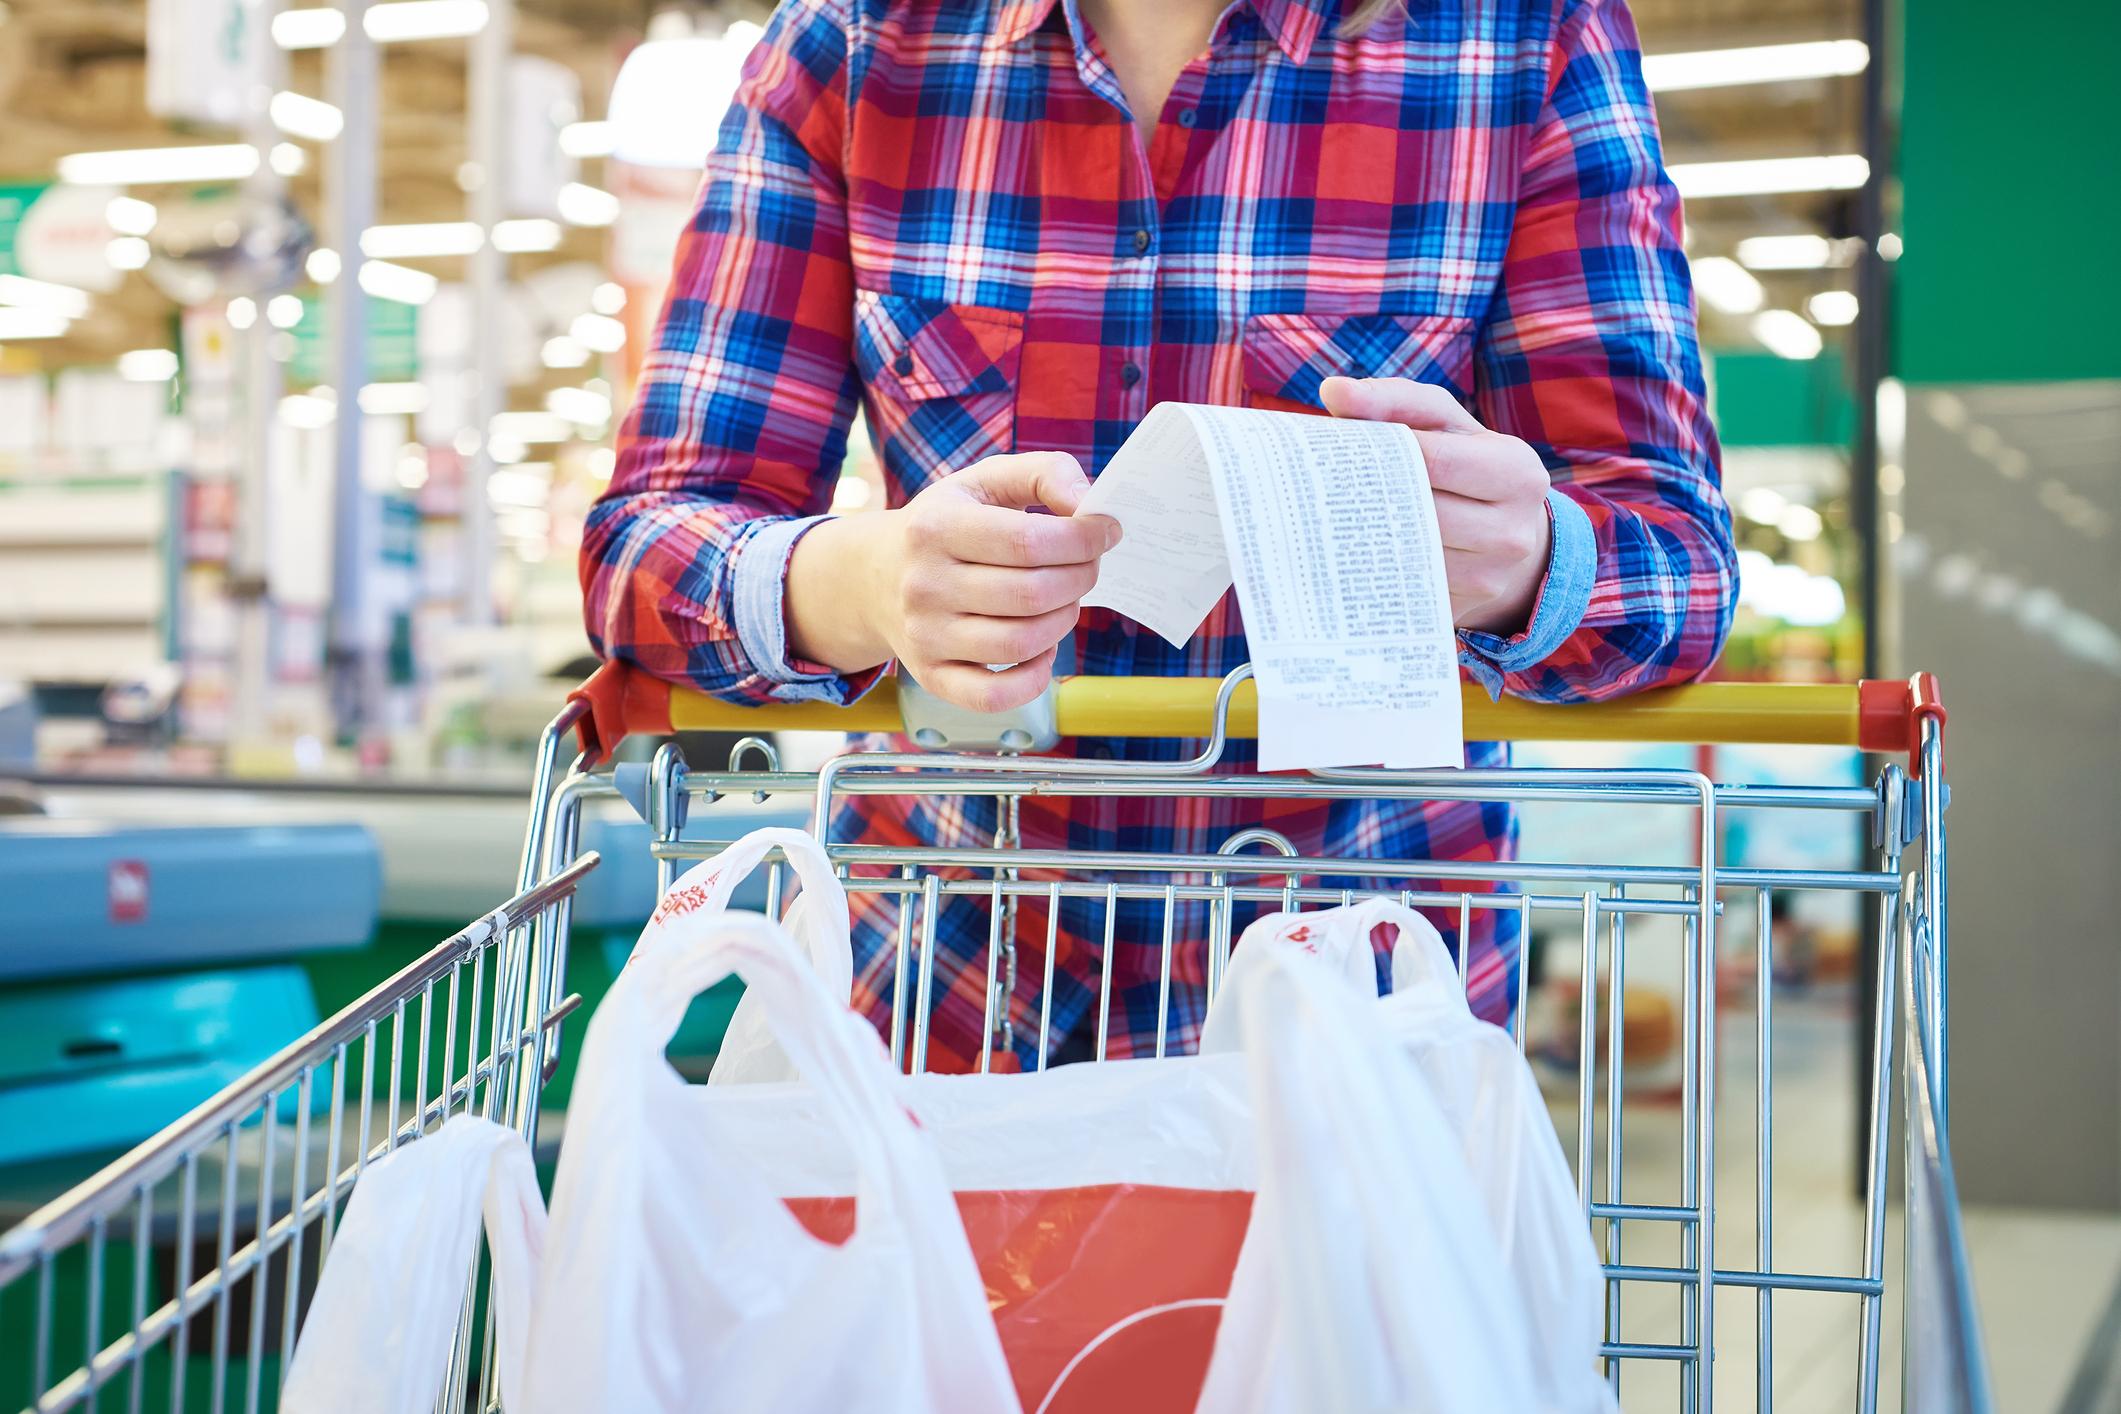 A shopper pushes a cart in a discount store.